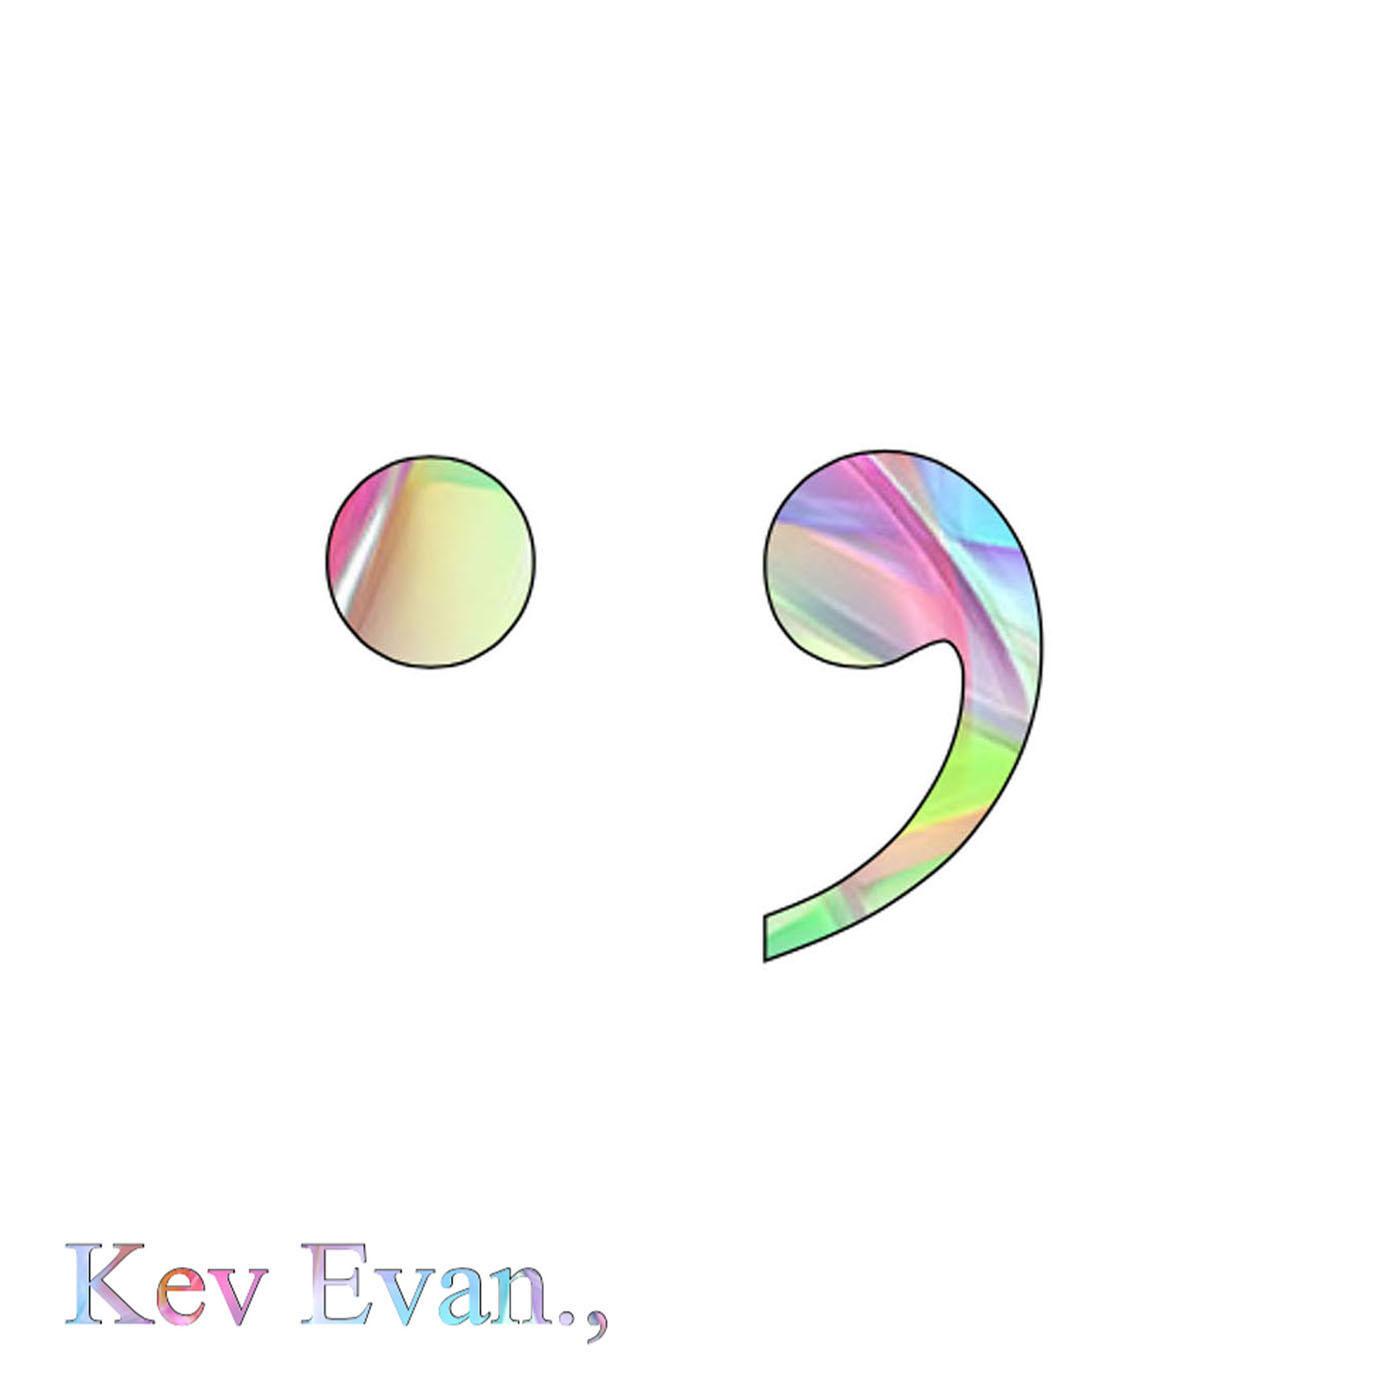 KevEvan Logo